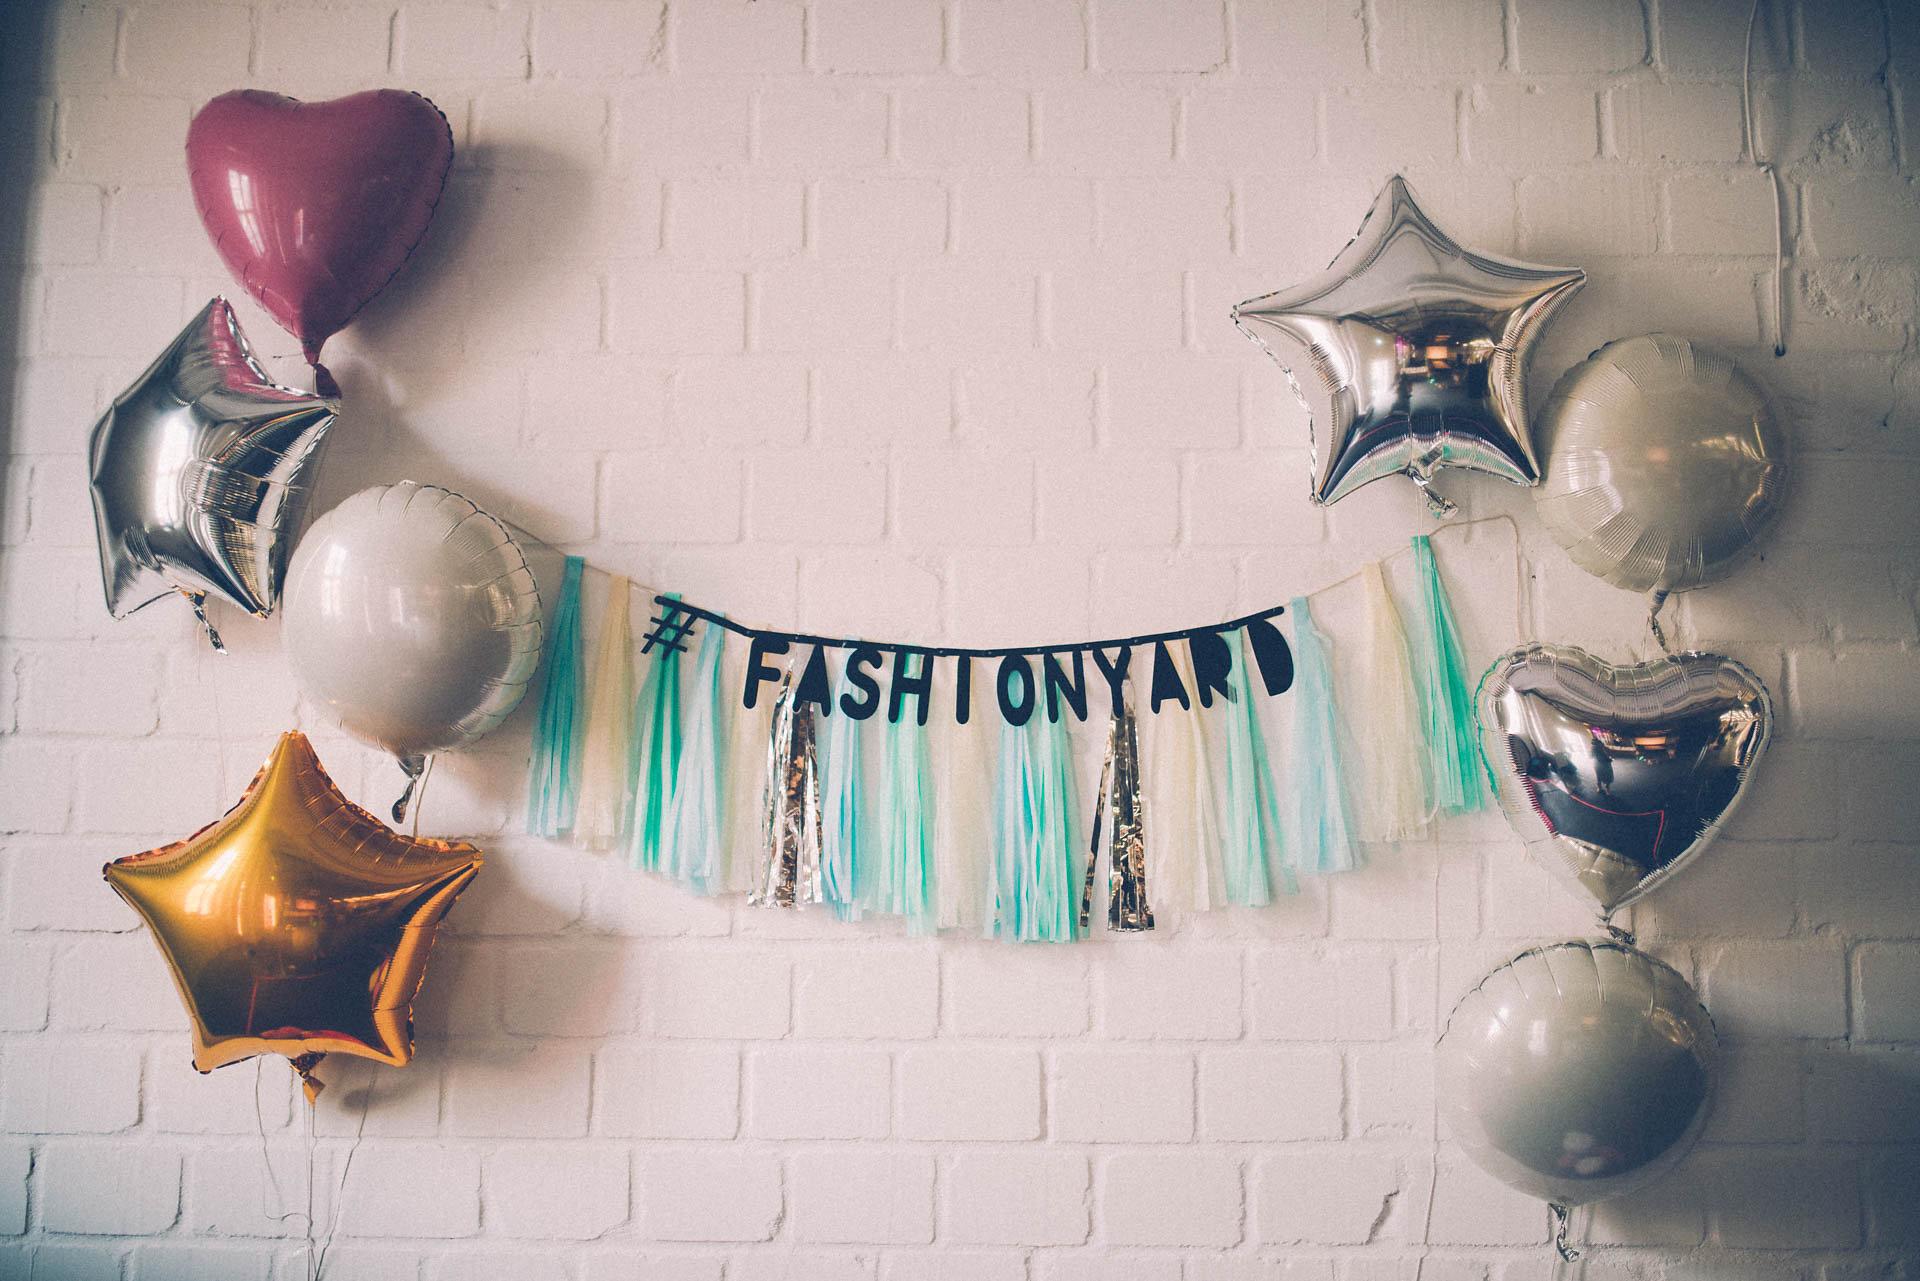 fashionyard dekoration auf dem duesseldorfer blogger event